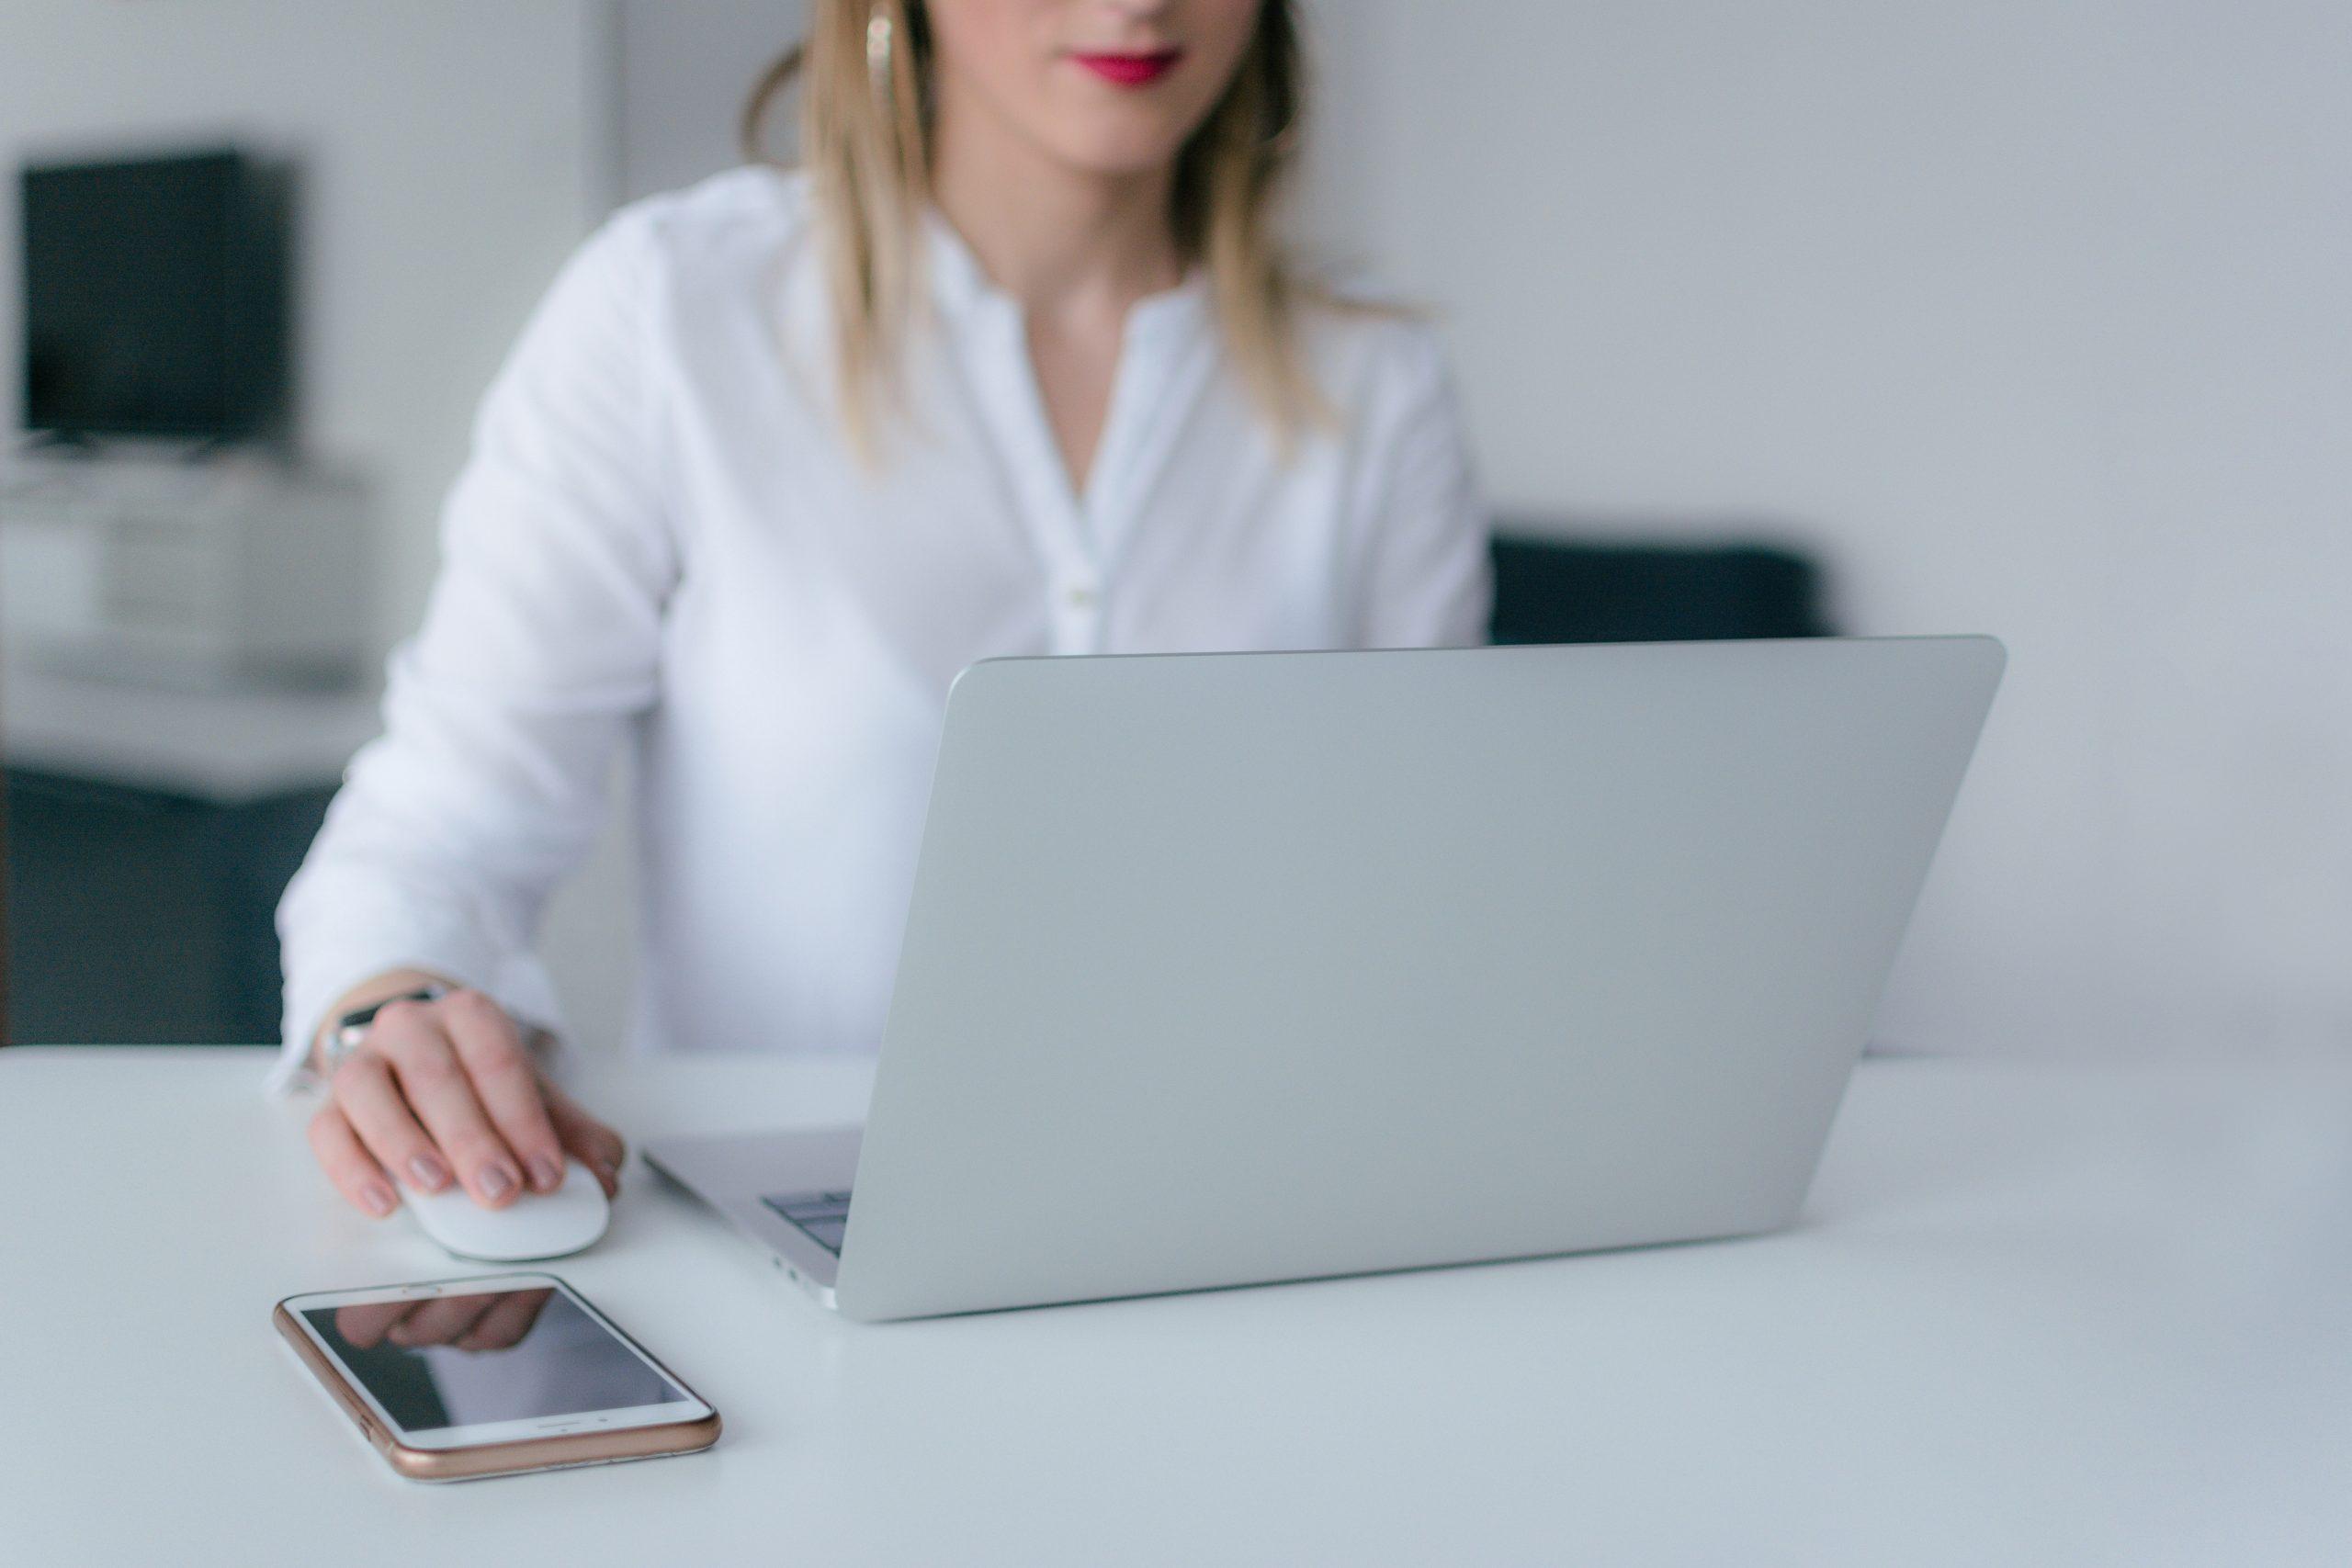 Gospodična, ki sedi pred prenosnim računalnikom v marketinški agenciji, s telefonom na mizi.